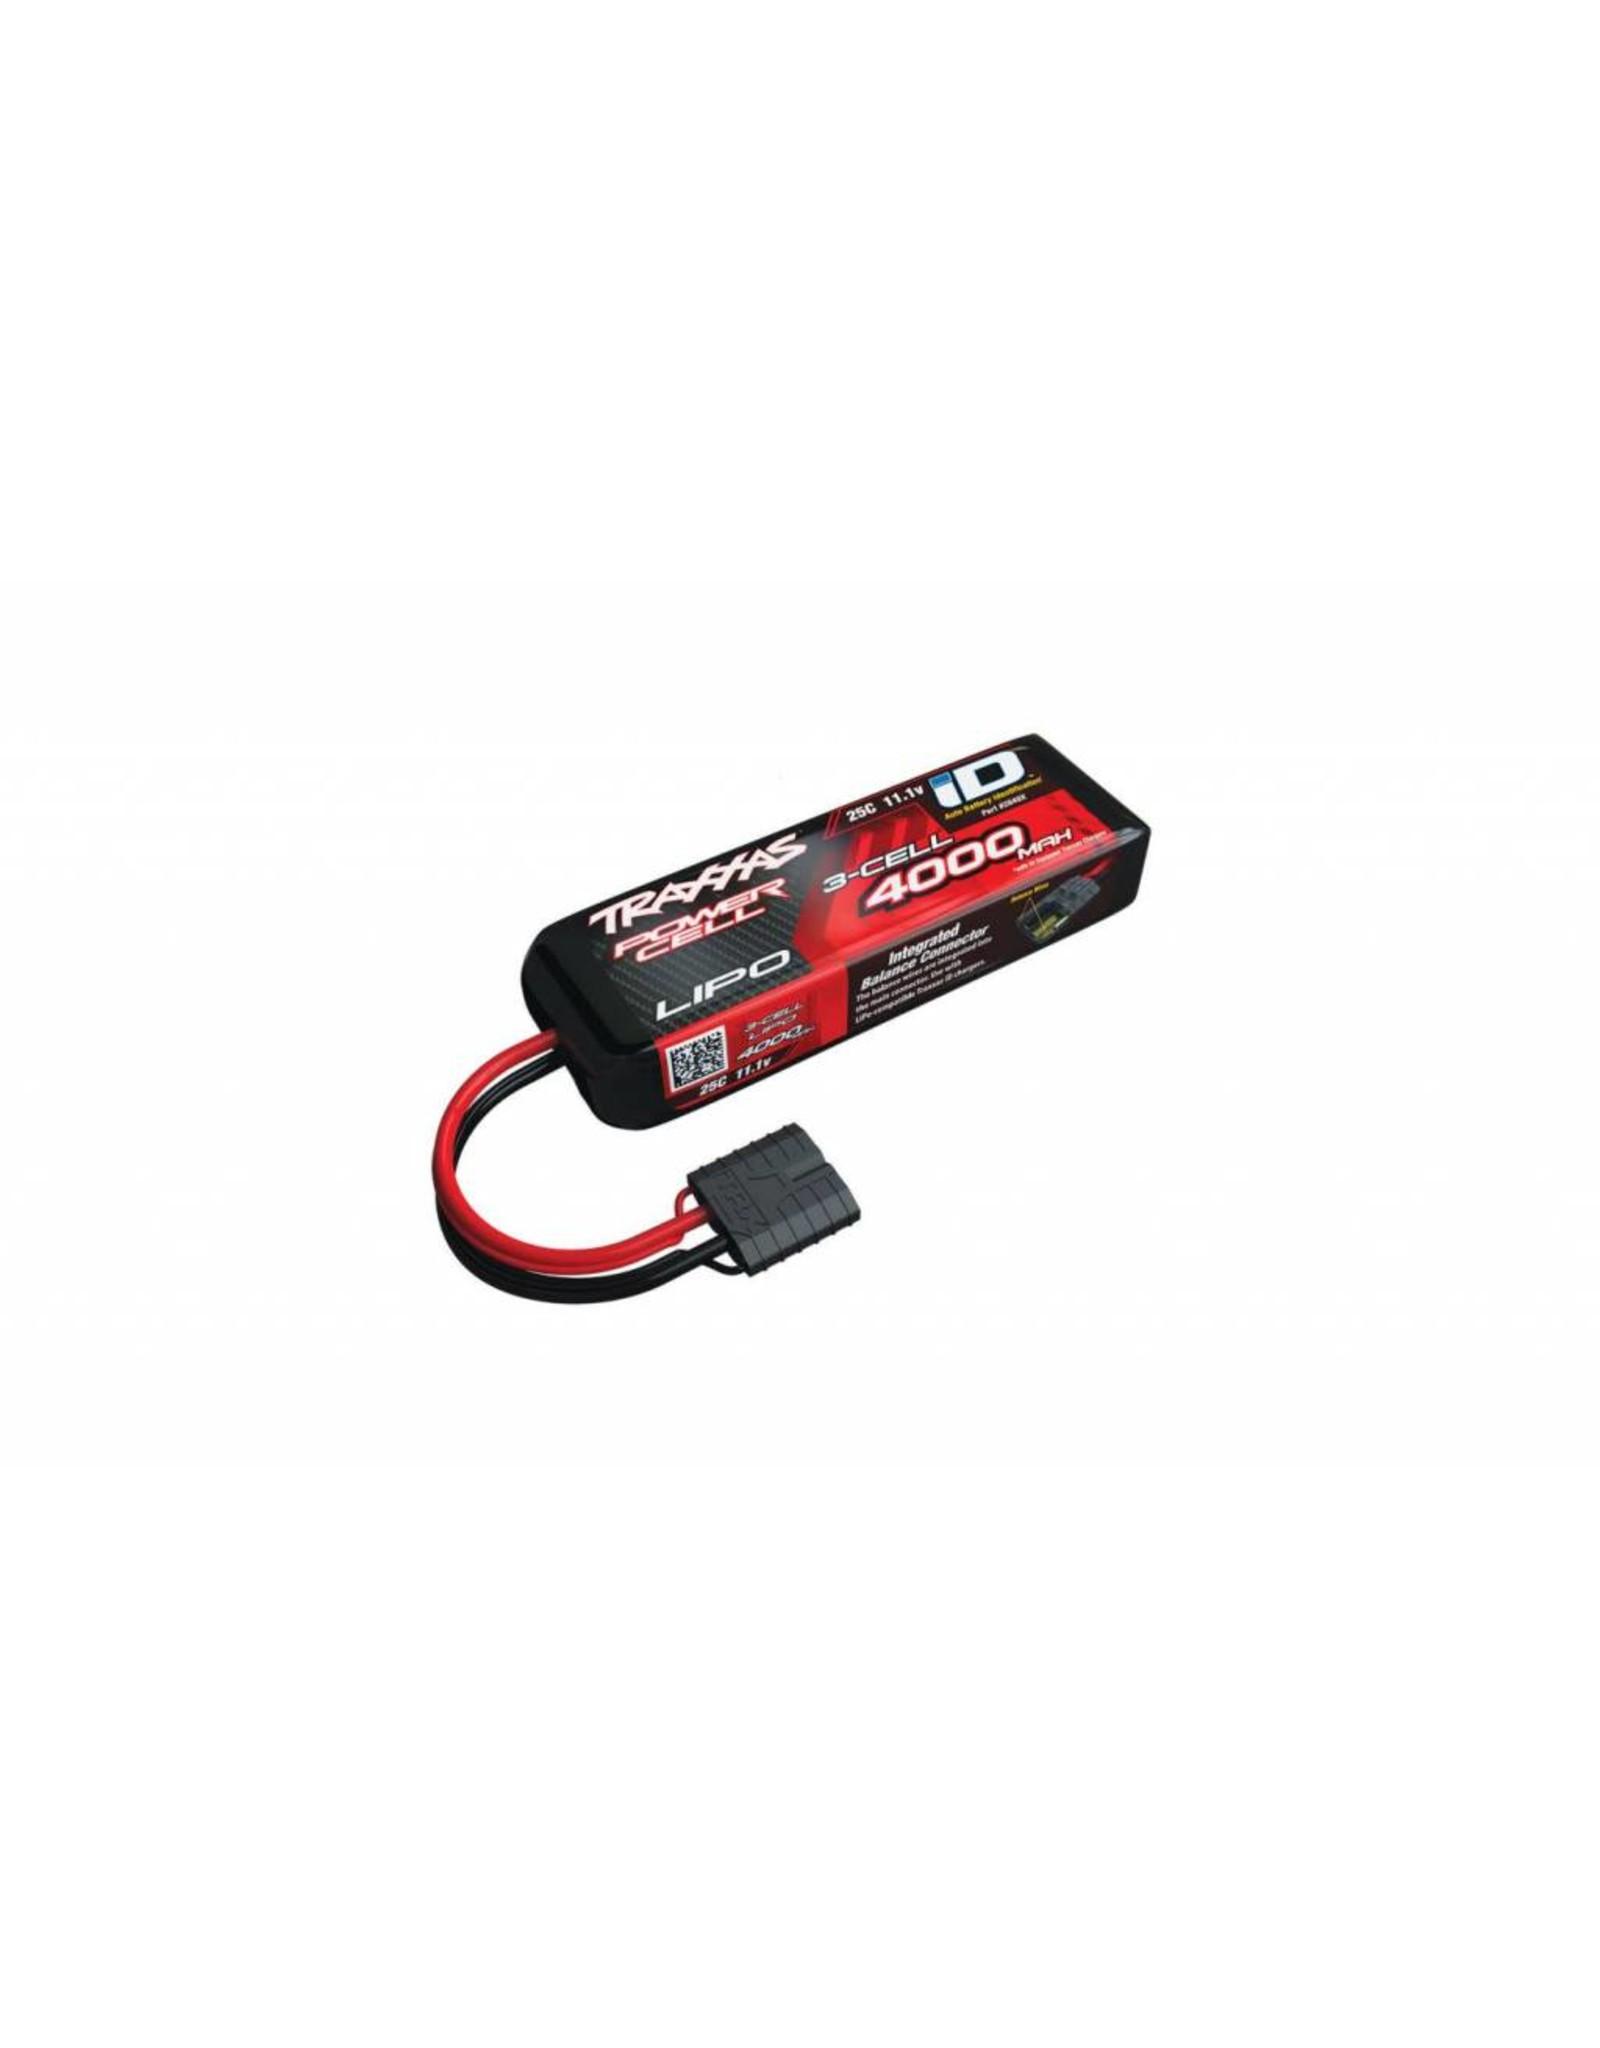 Traxxas 11.1V 4000mAh 25C 3S LiPo Battery with TRA ID  (TRA2849X)